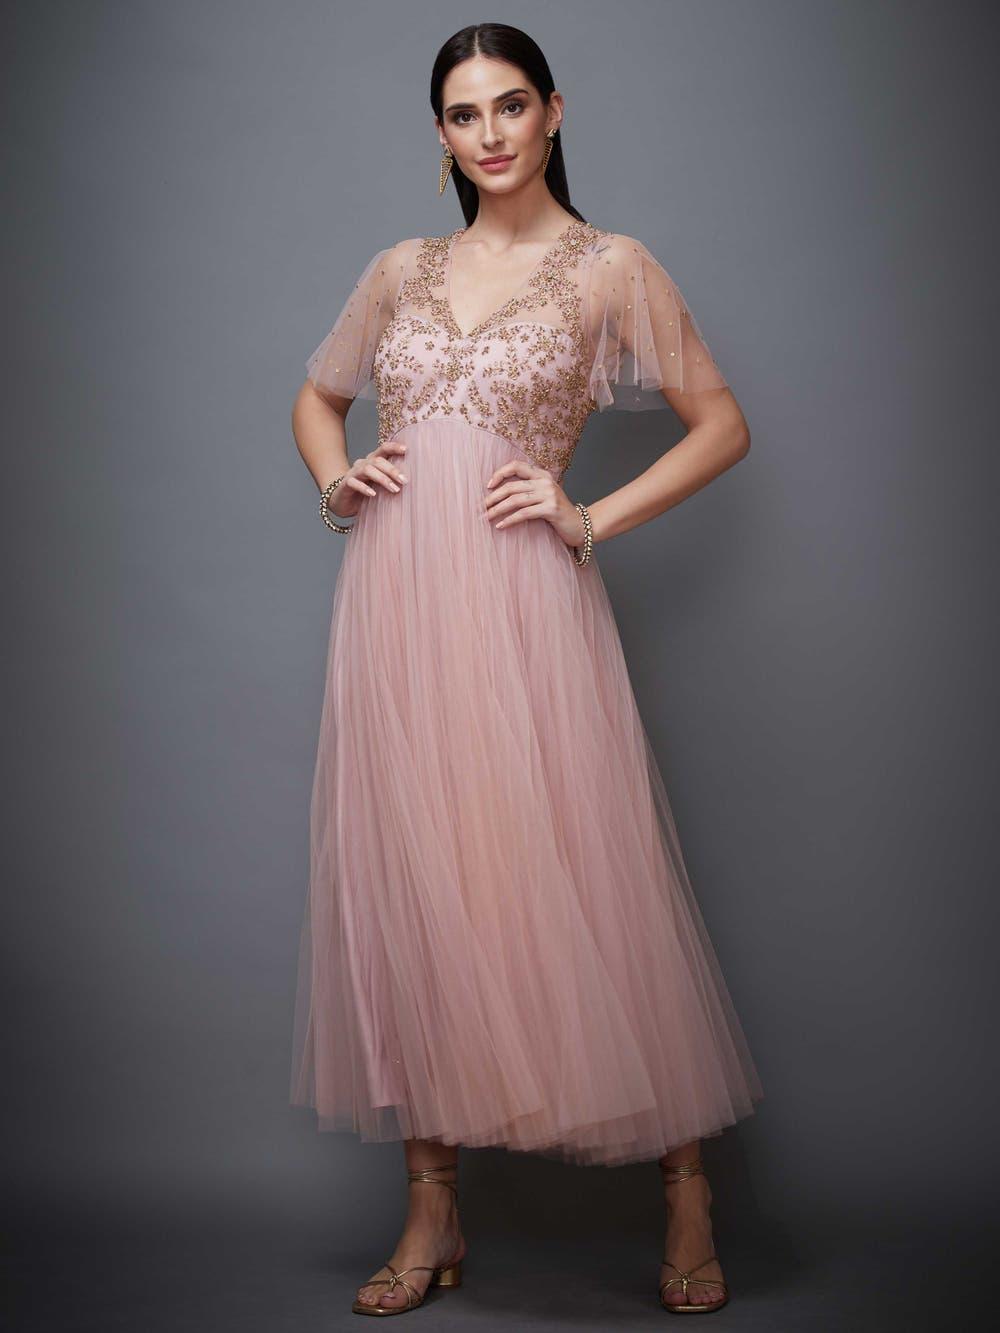 Pastel Pink Begum Embellished Net Dress